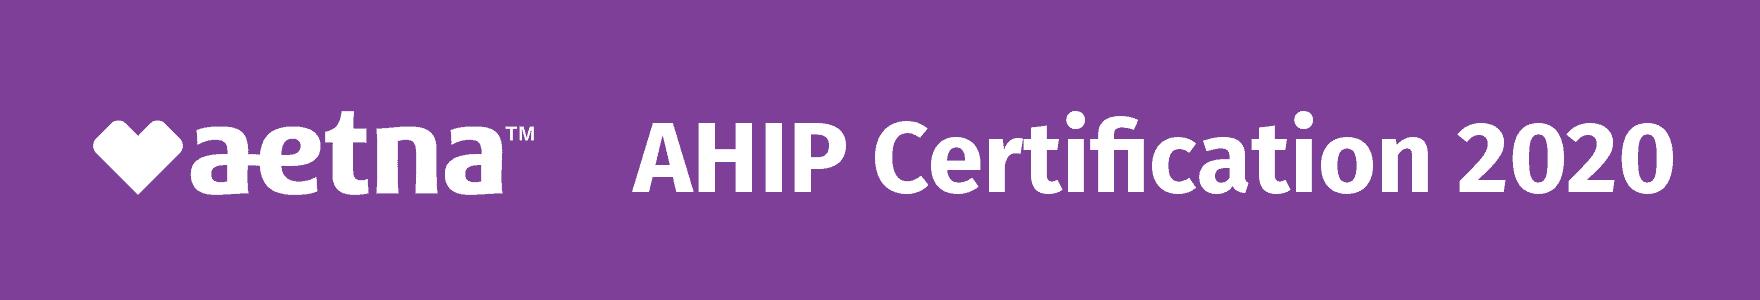 Aetna AHIP Certification 2020